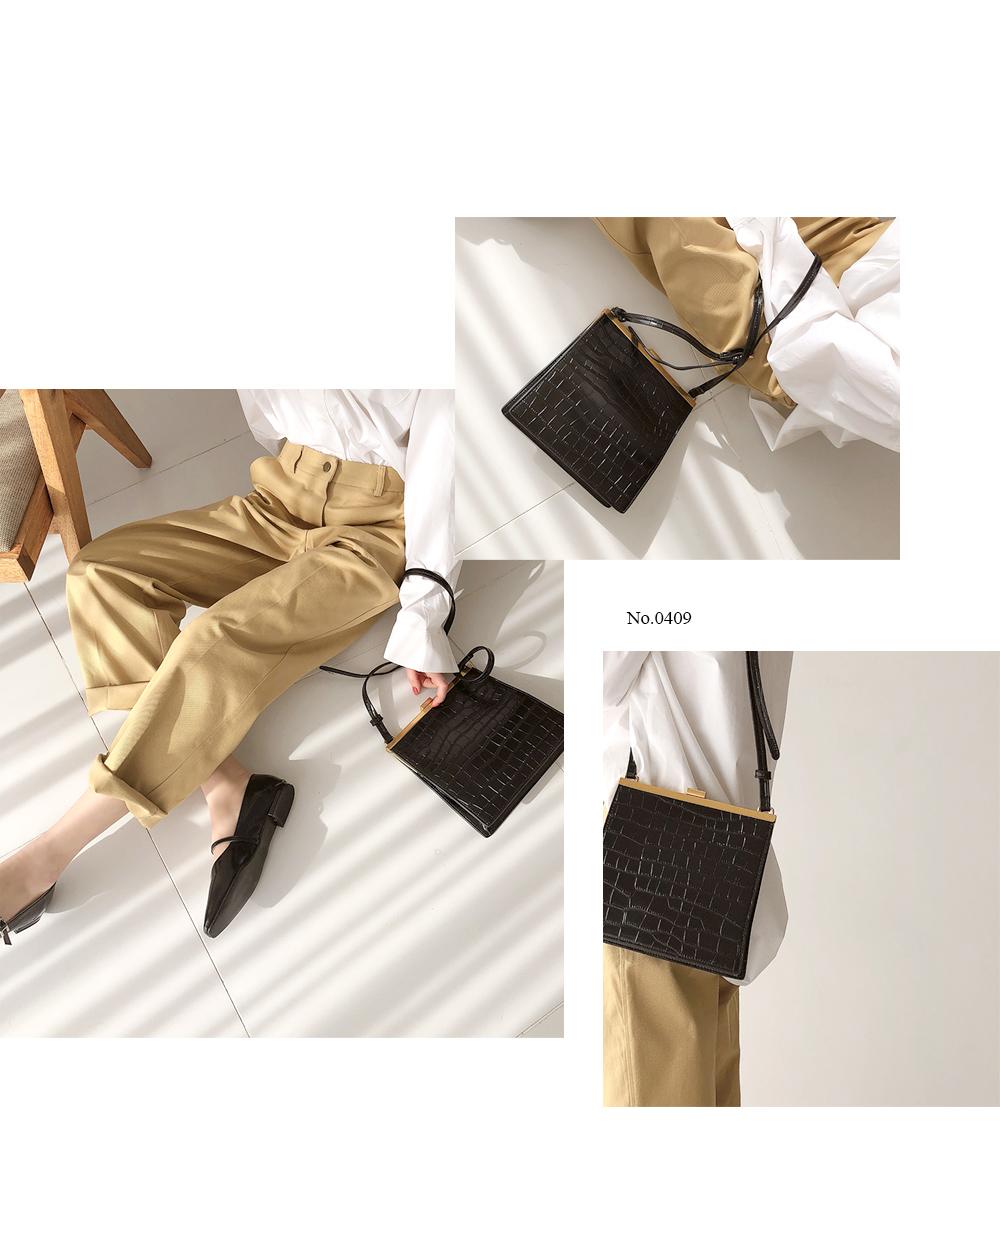 DeKid one-touch shoulder bag